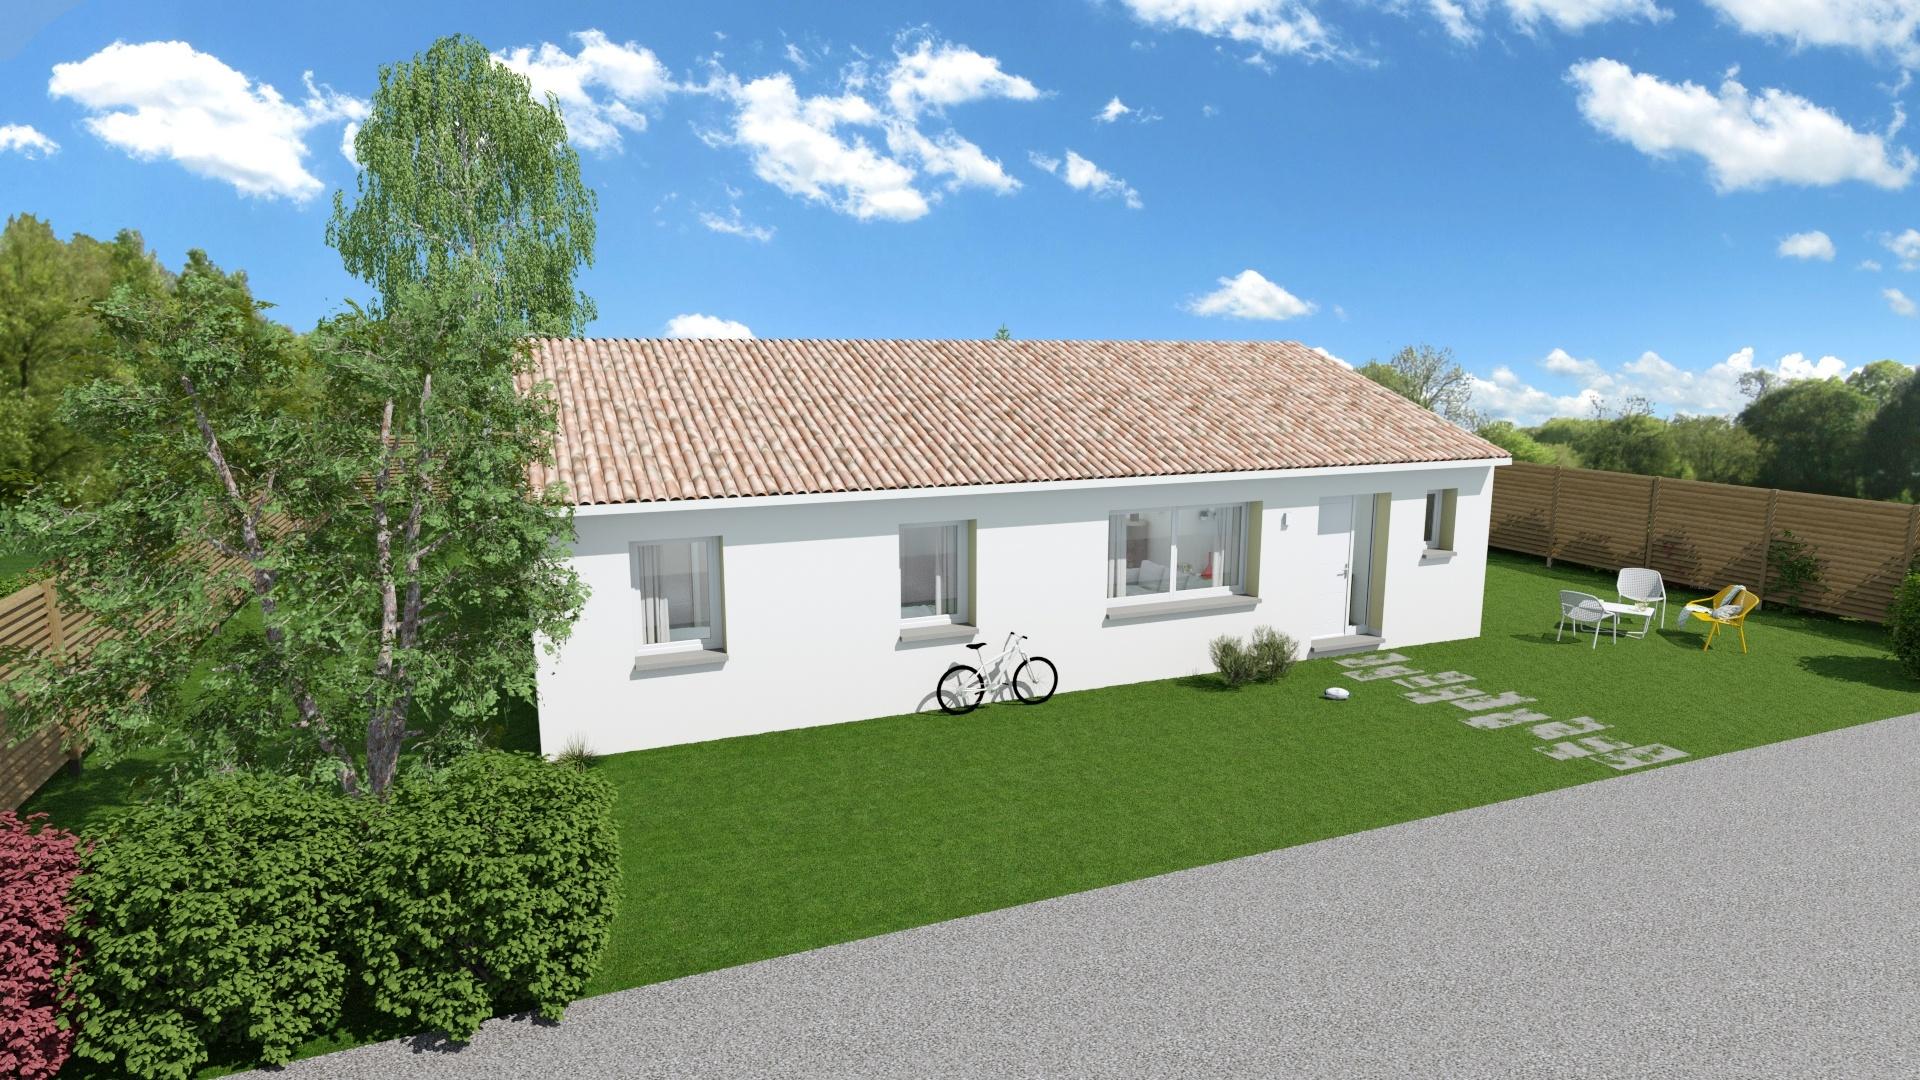 Maisons + Terrains du constructeur Maison Familiale Toulouse • 117 m² • LABARTHE SUR LEZE